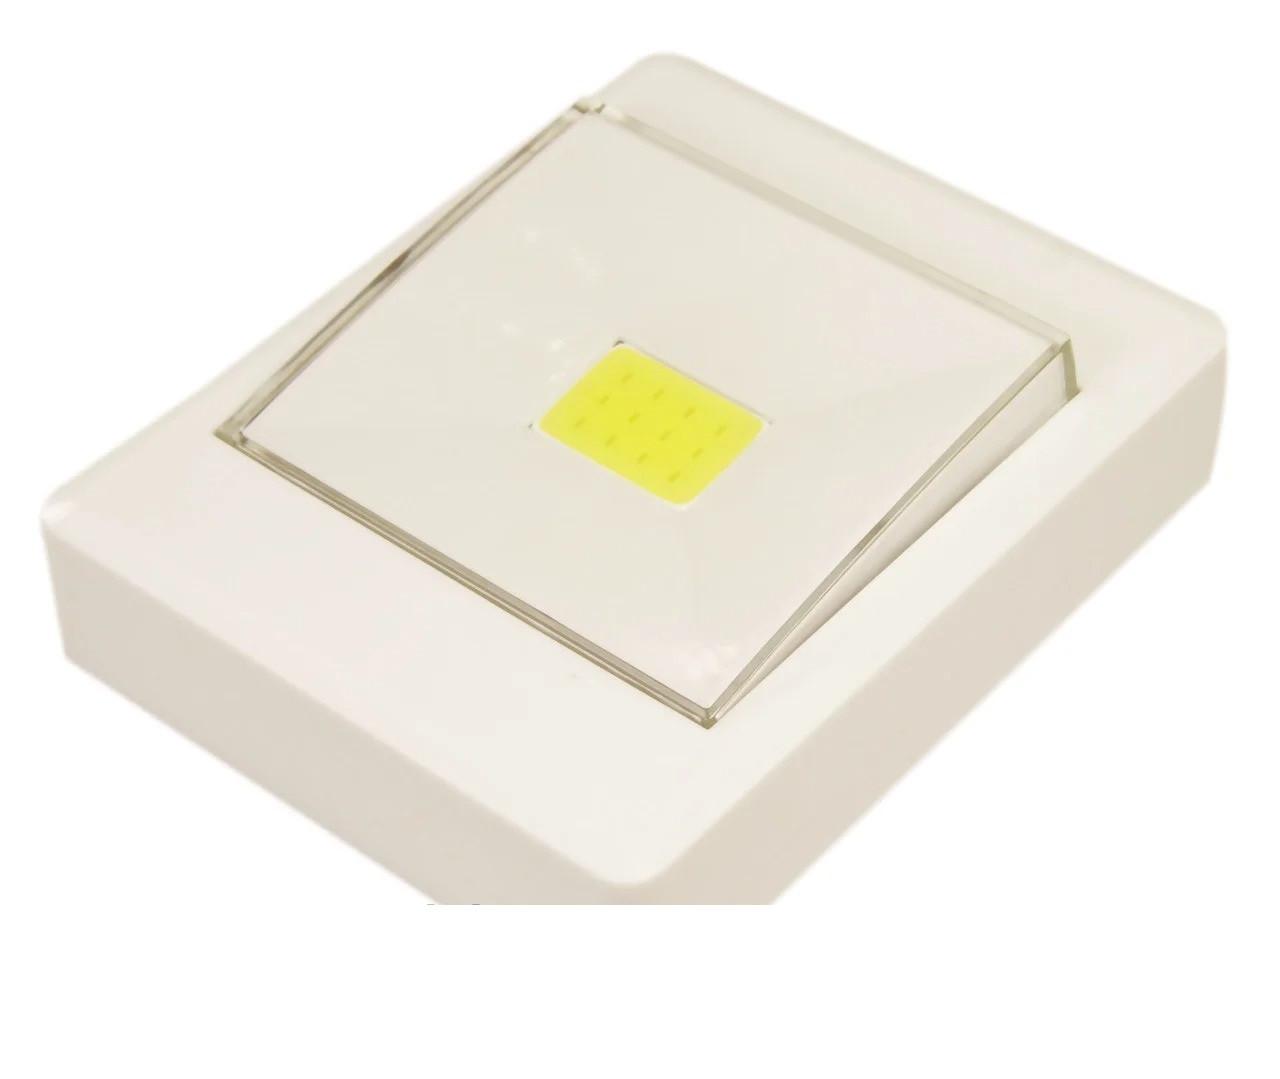 Настенный светильник Выключатель WD308/4хAAA с магнитным креплением и липучкой под шурупы на батарейках